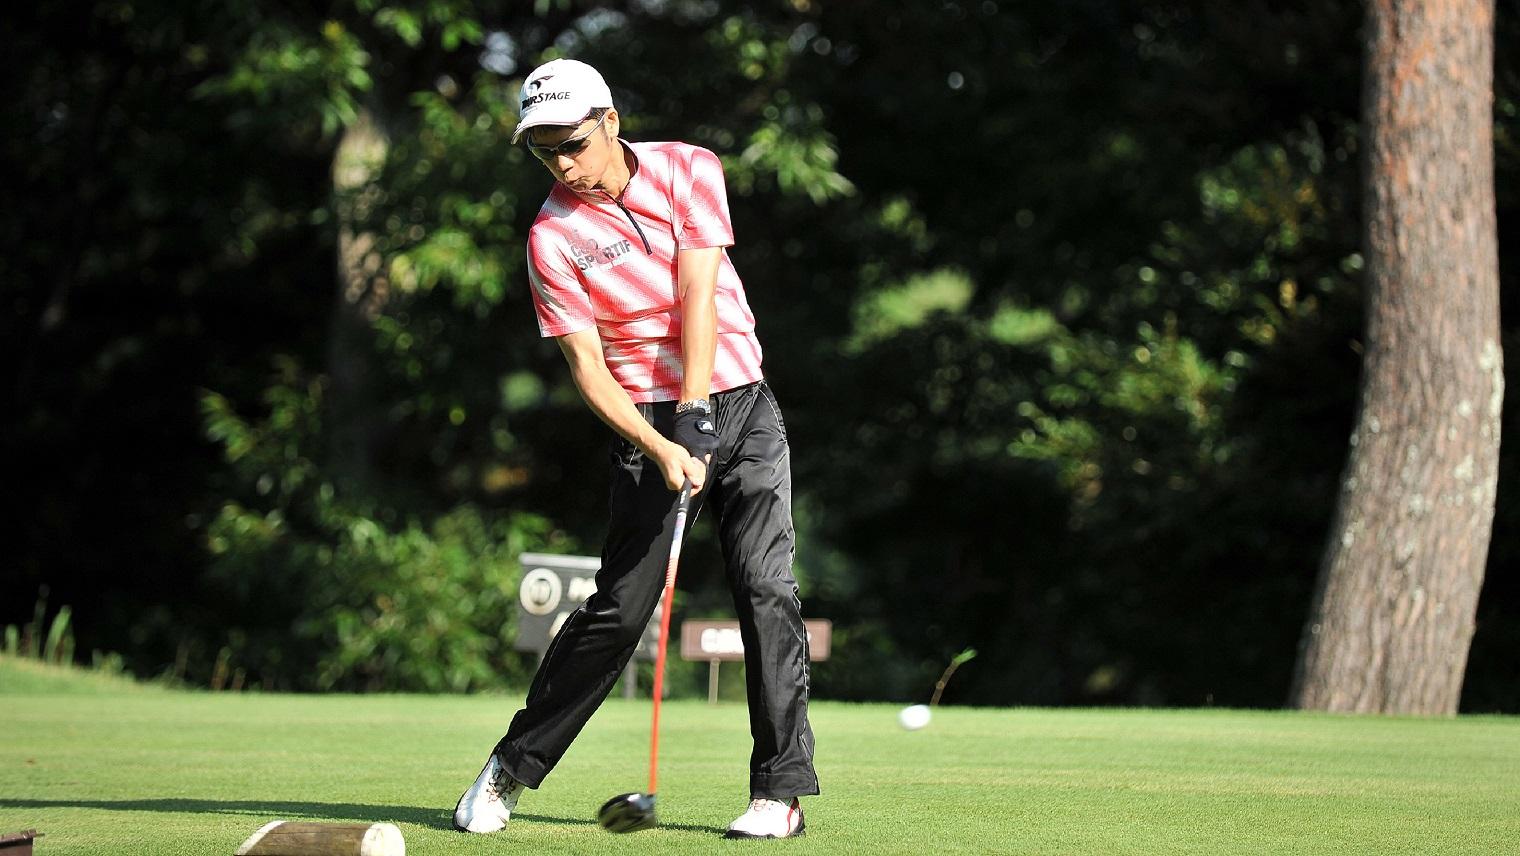 趣味のゴルフをする立花